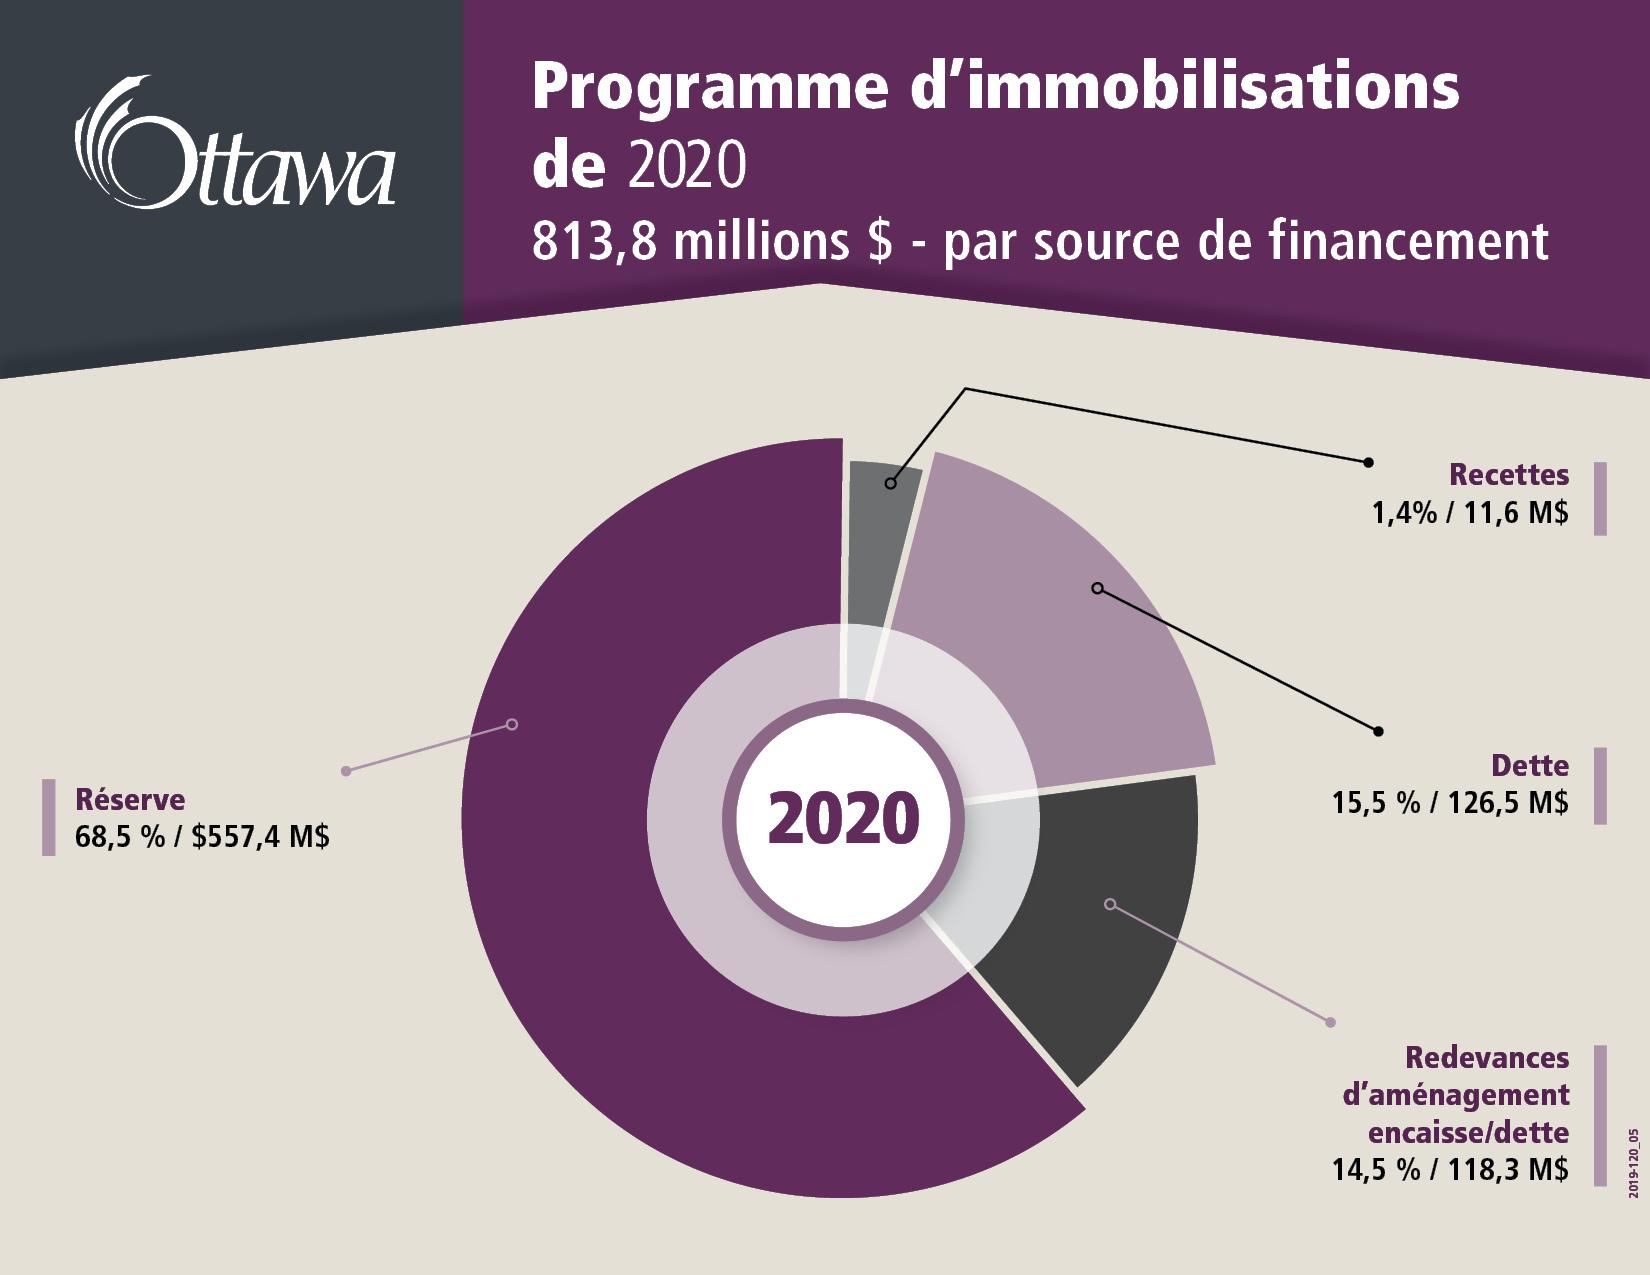 Programme d'immobilisations de 2020 813,8 millions $ - par source de financement